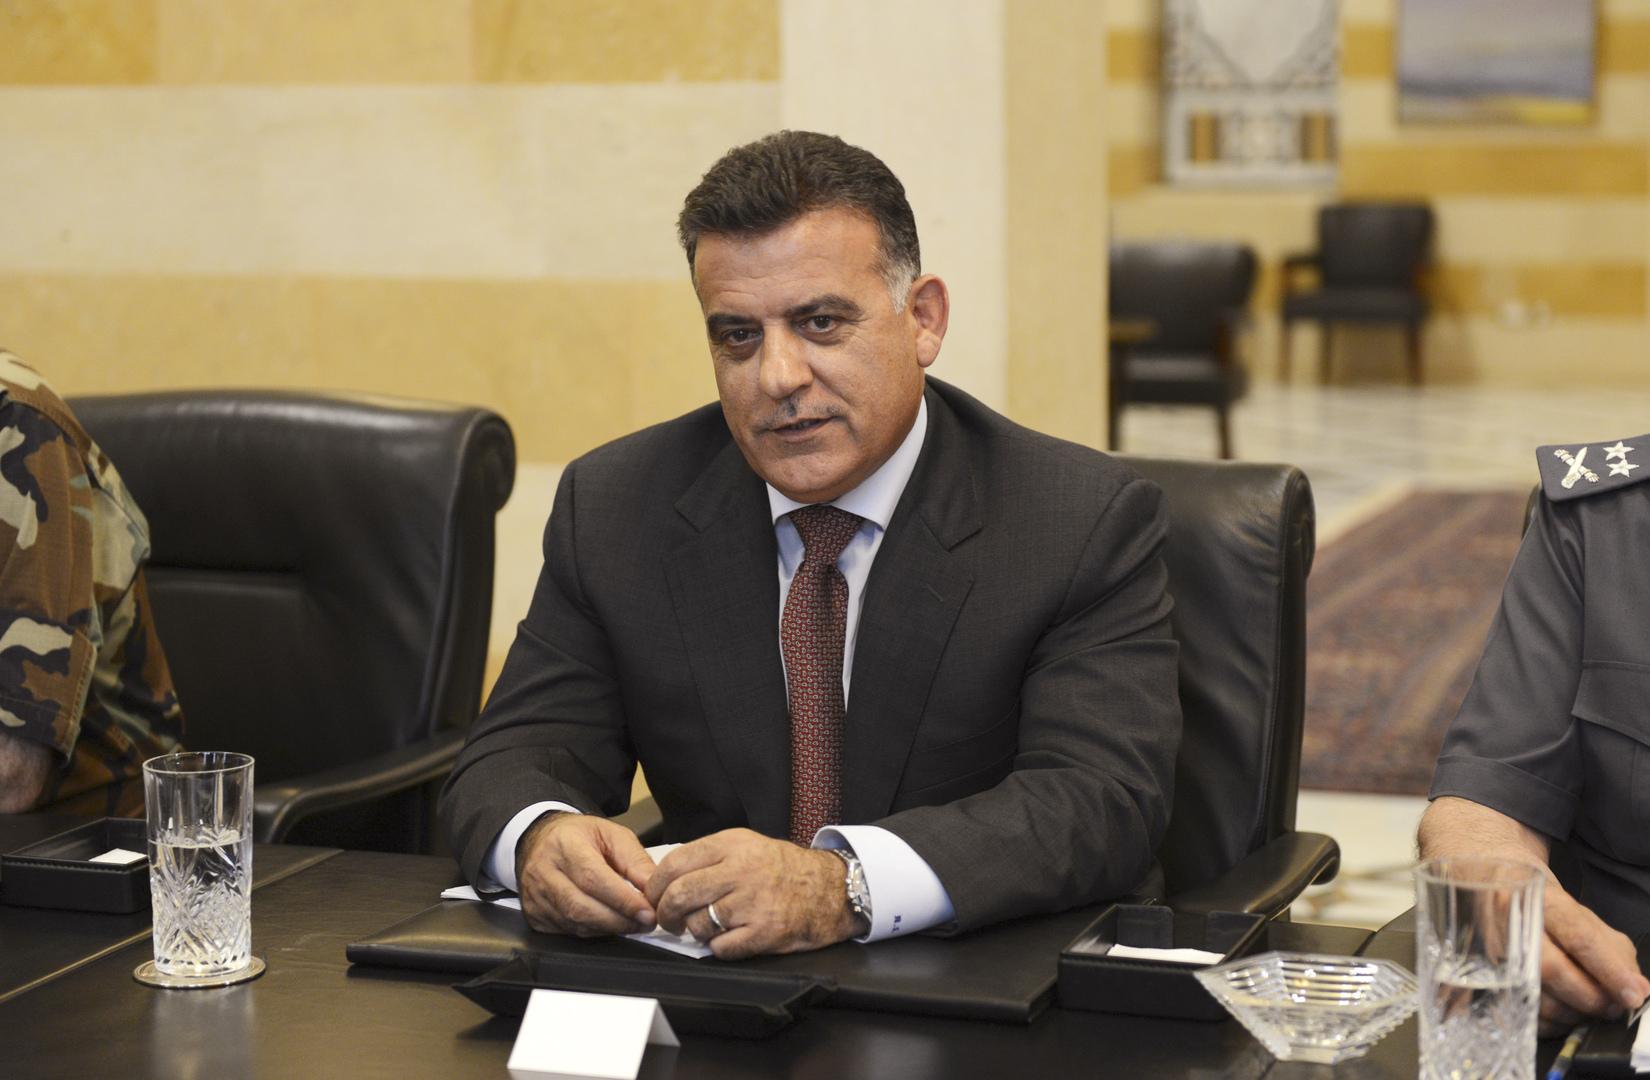 المدير العام للأمن العام في لبنان عباس ابراهيم